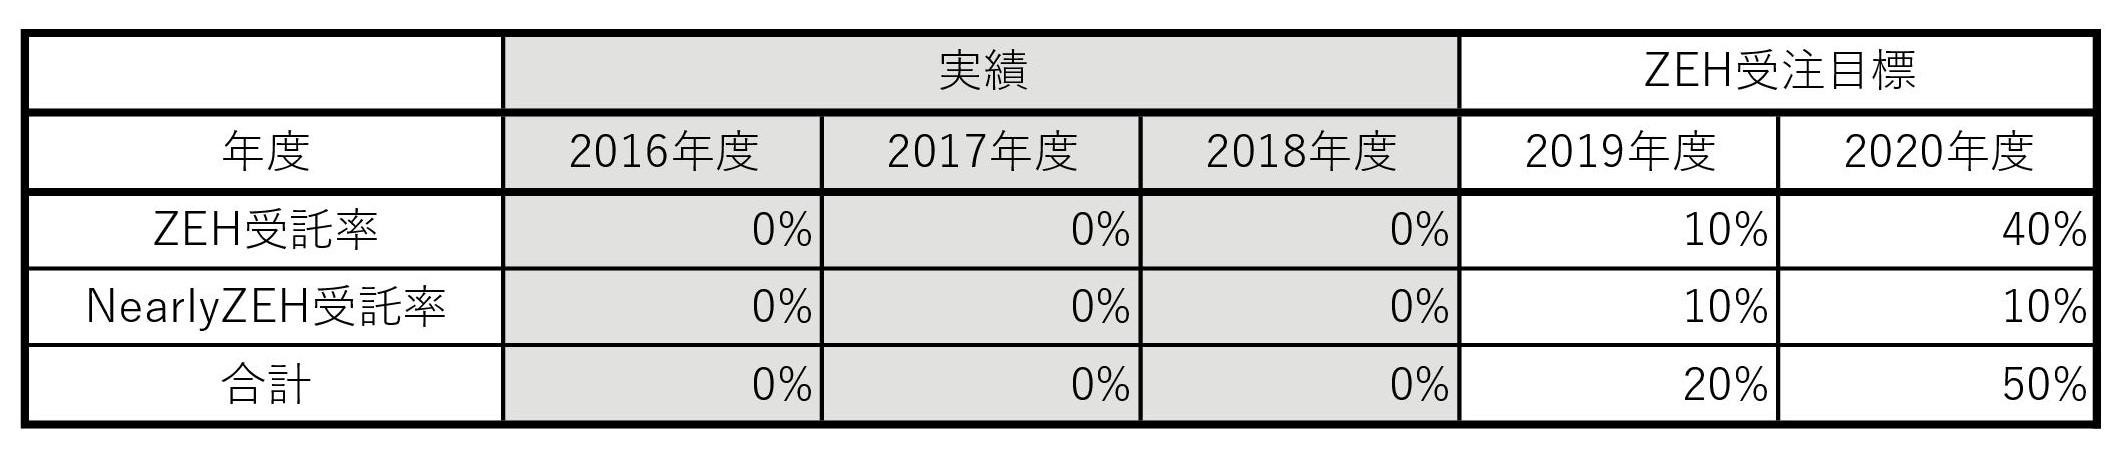 実績表_普及目標2019